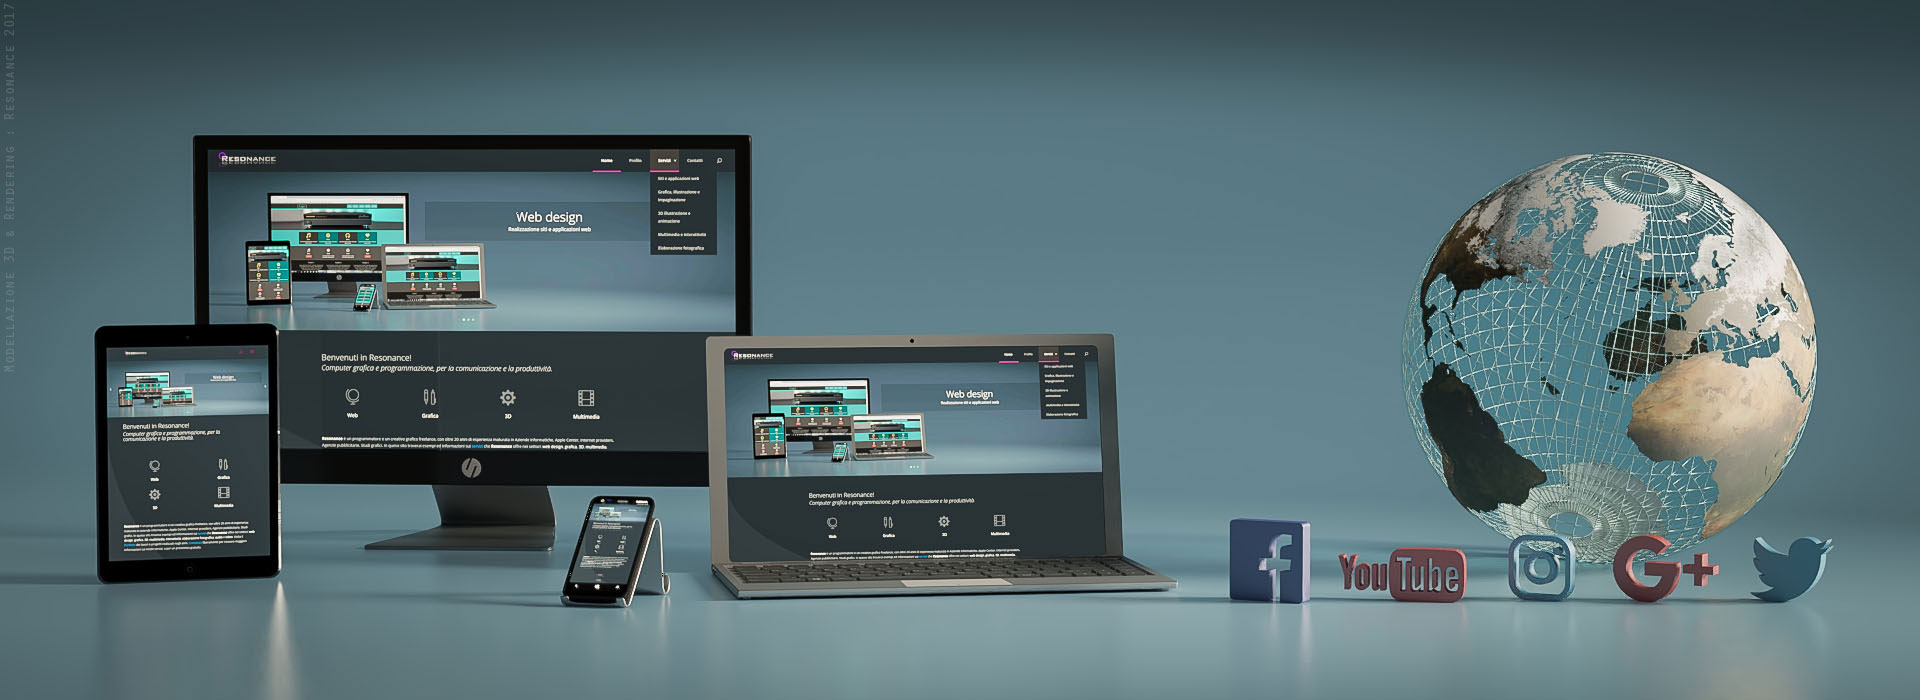 Immagine in 3D di siti web responsive su notebook, tablet, cellulare, e icone social - Venaria, Torino